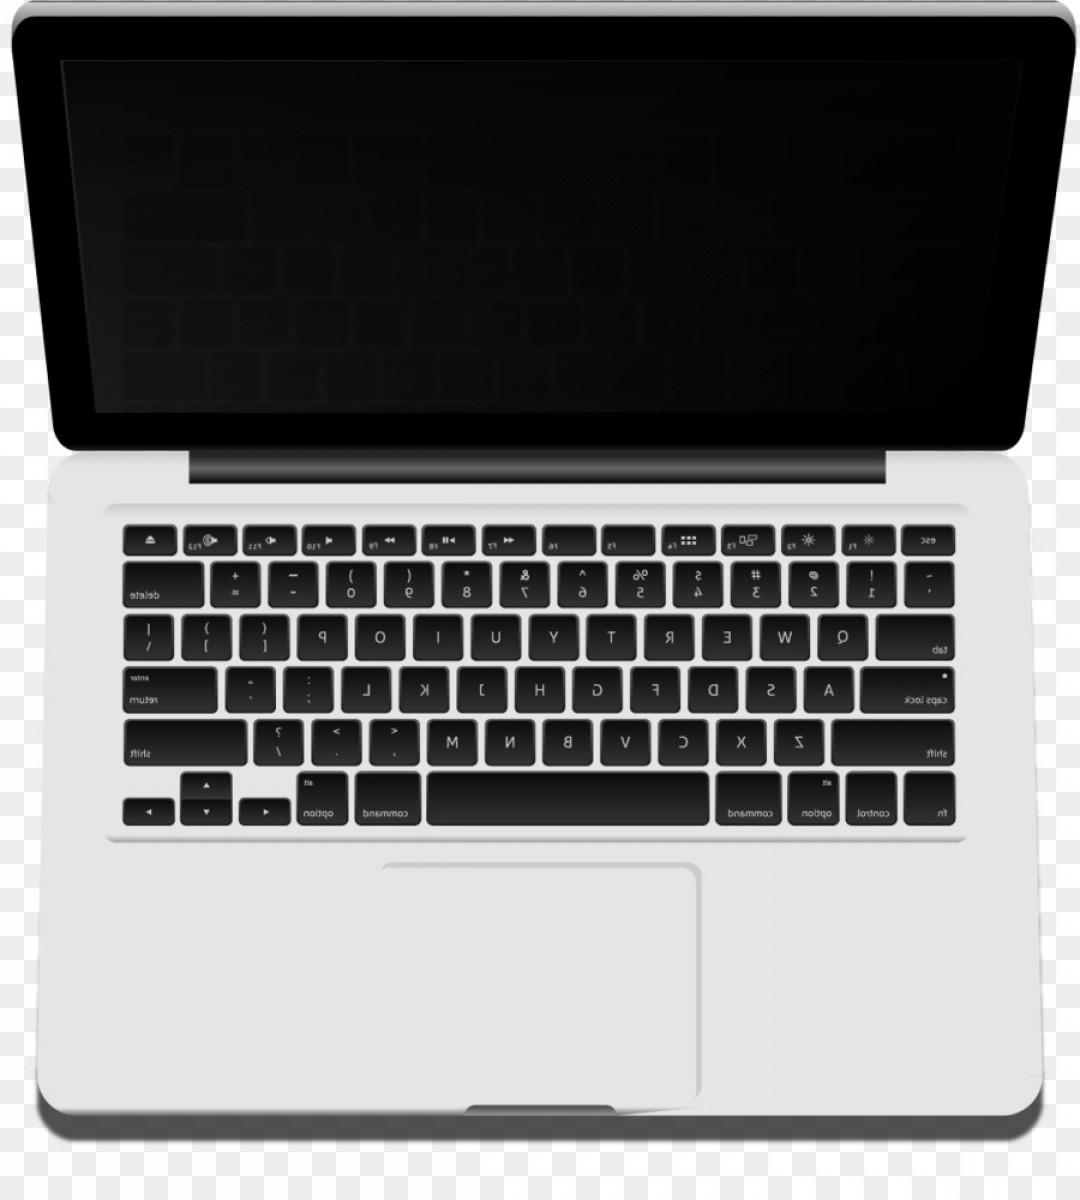 1080x1200 Macbook Pro Macbook Air Laptop Computer Keyboard Vector Hand